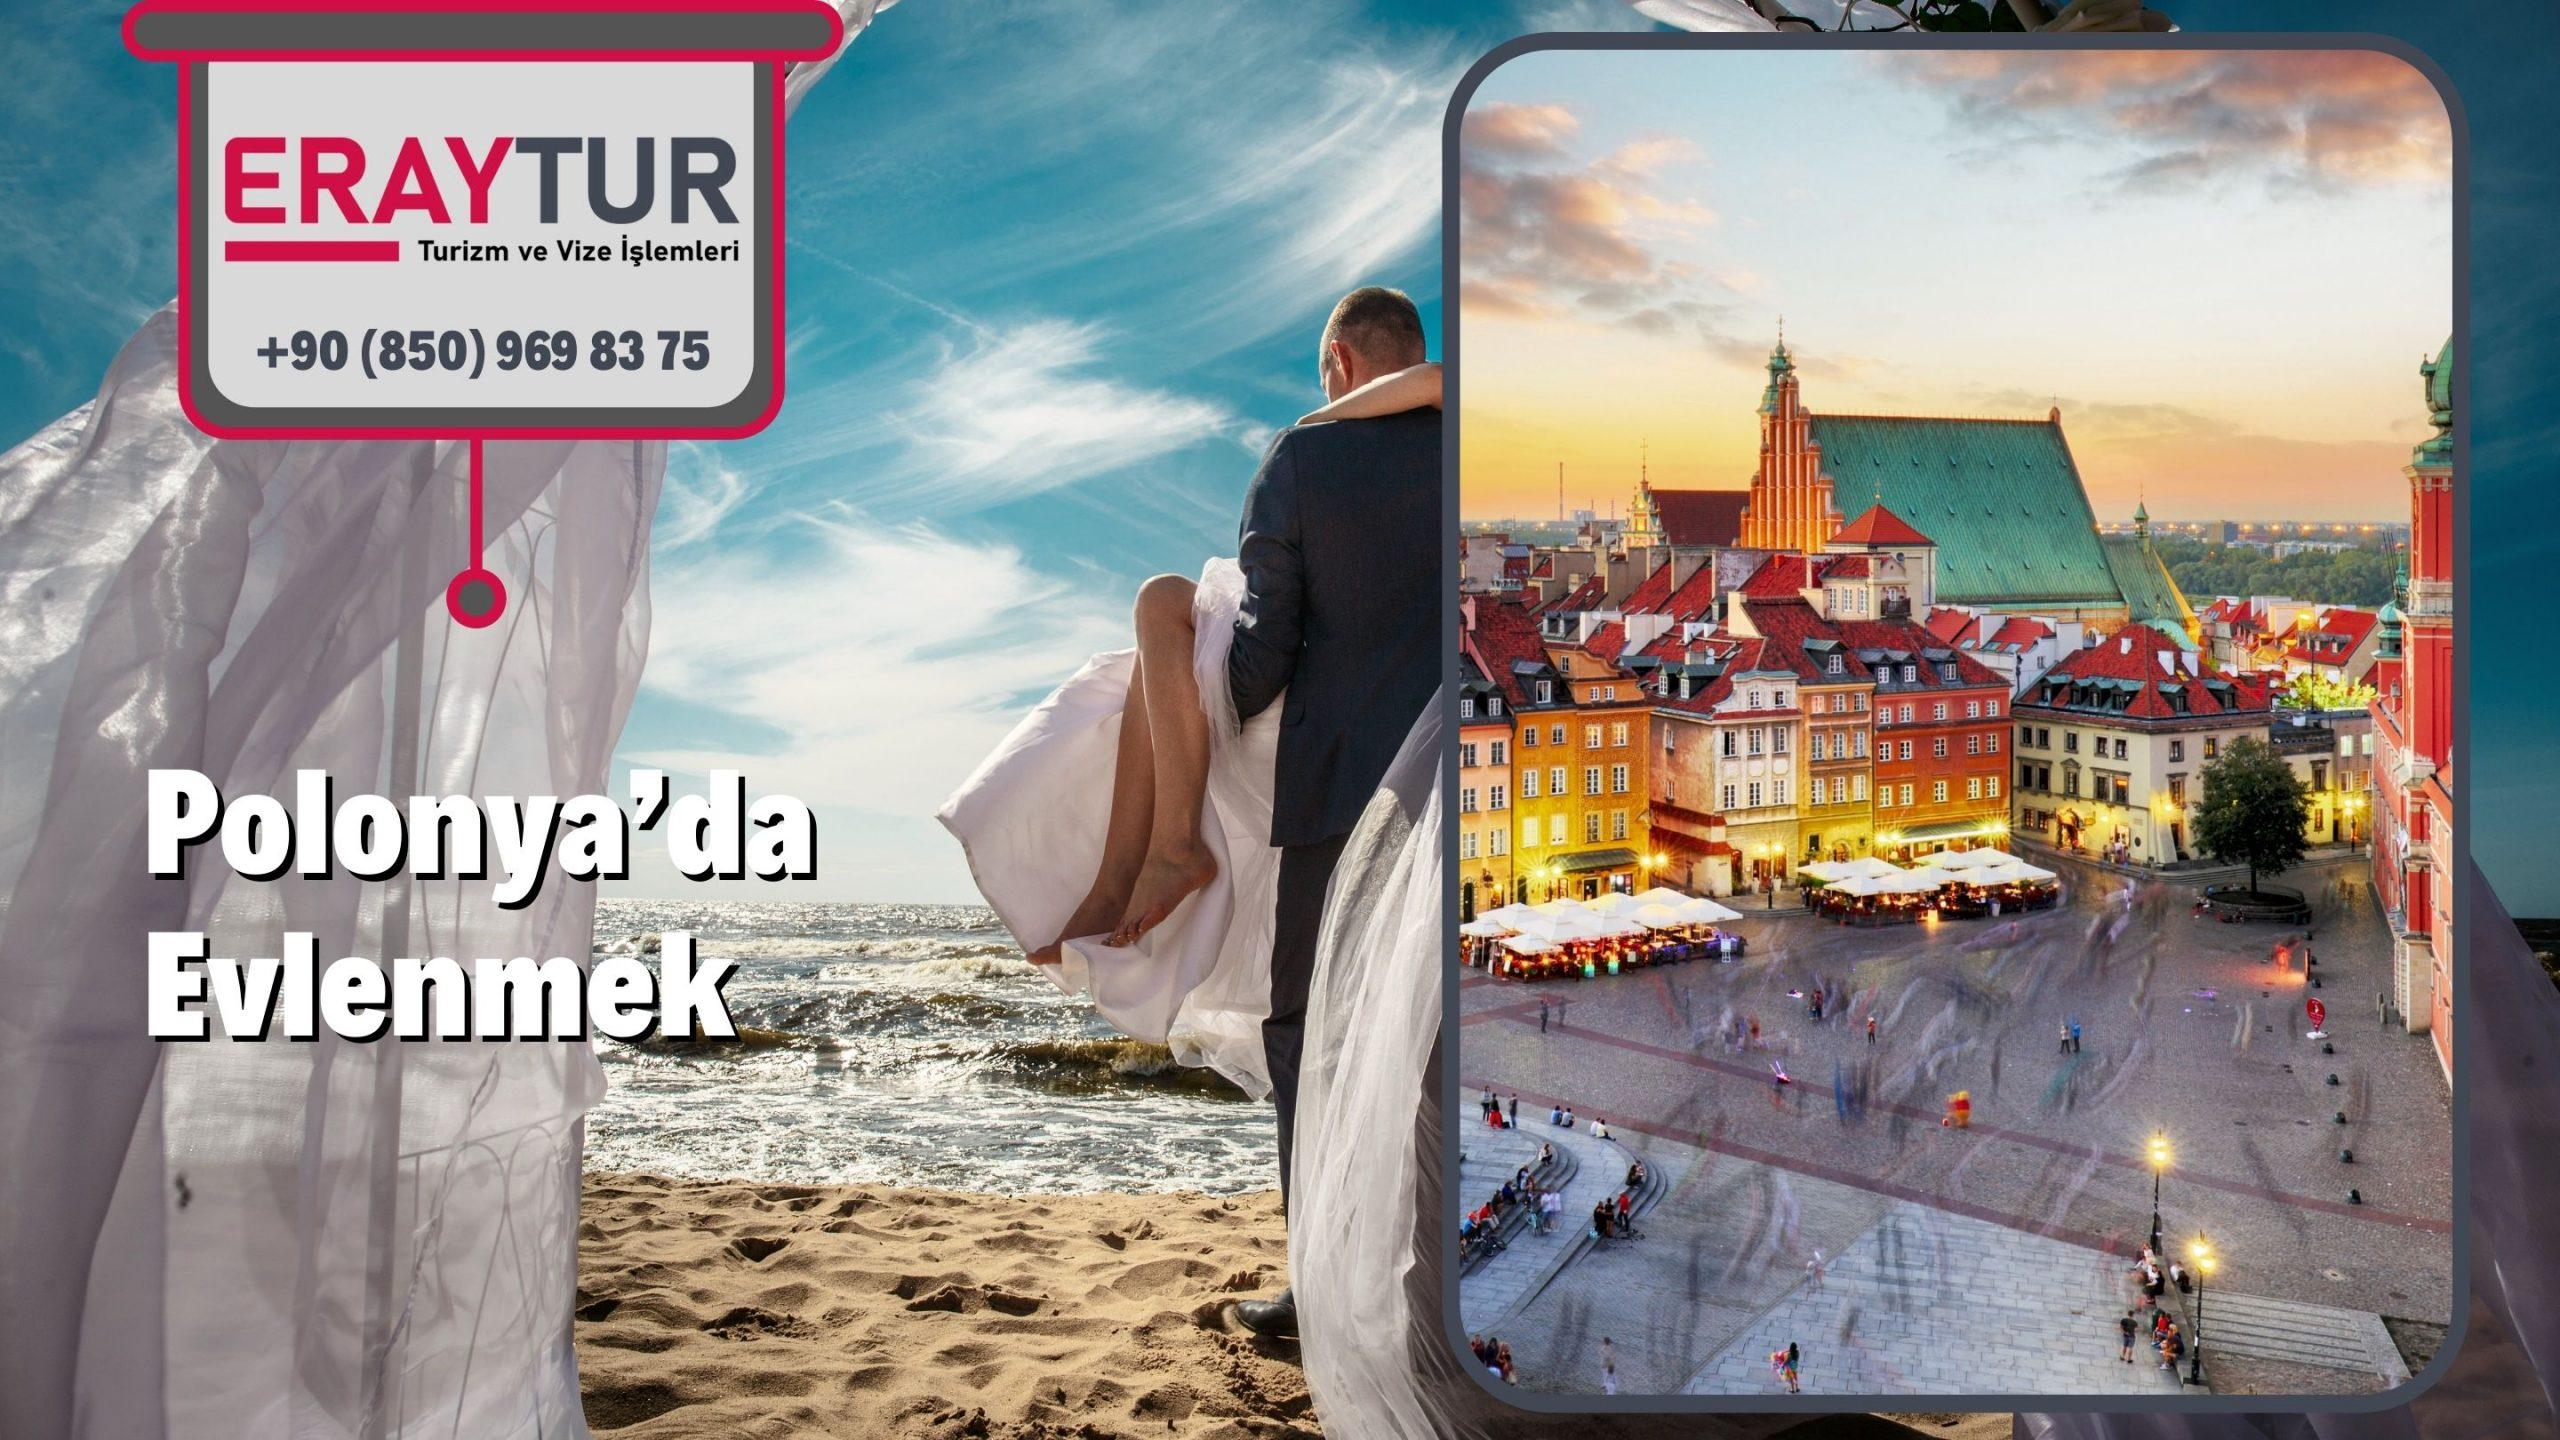 Polonya'da Evlenmek